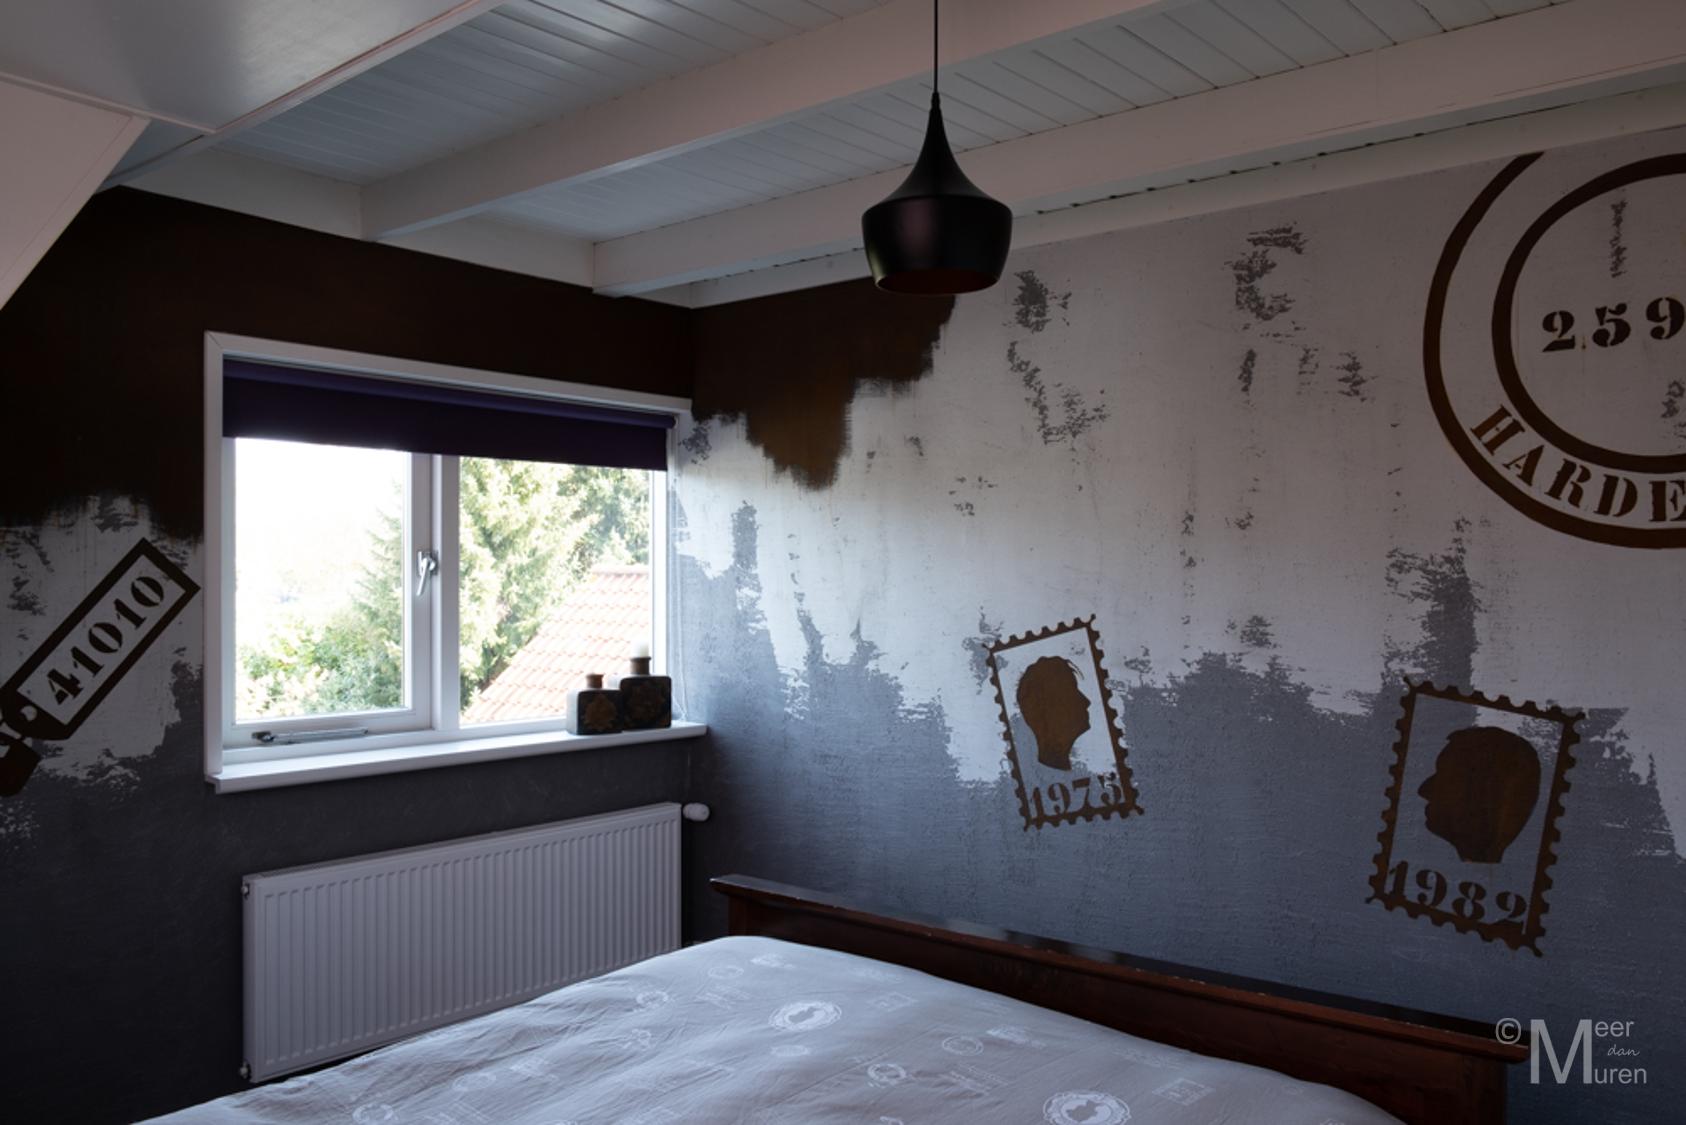 betonlook slaapkamer roest harderwijk persoonlijk